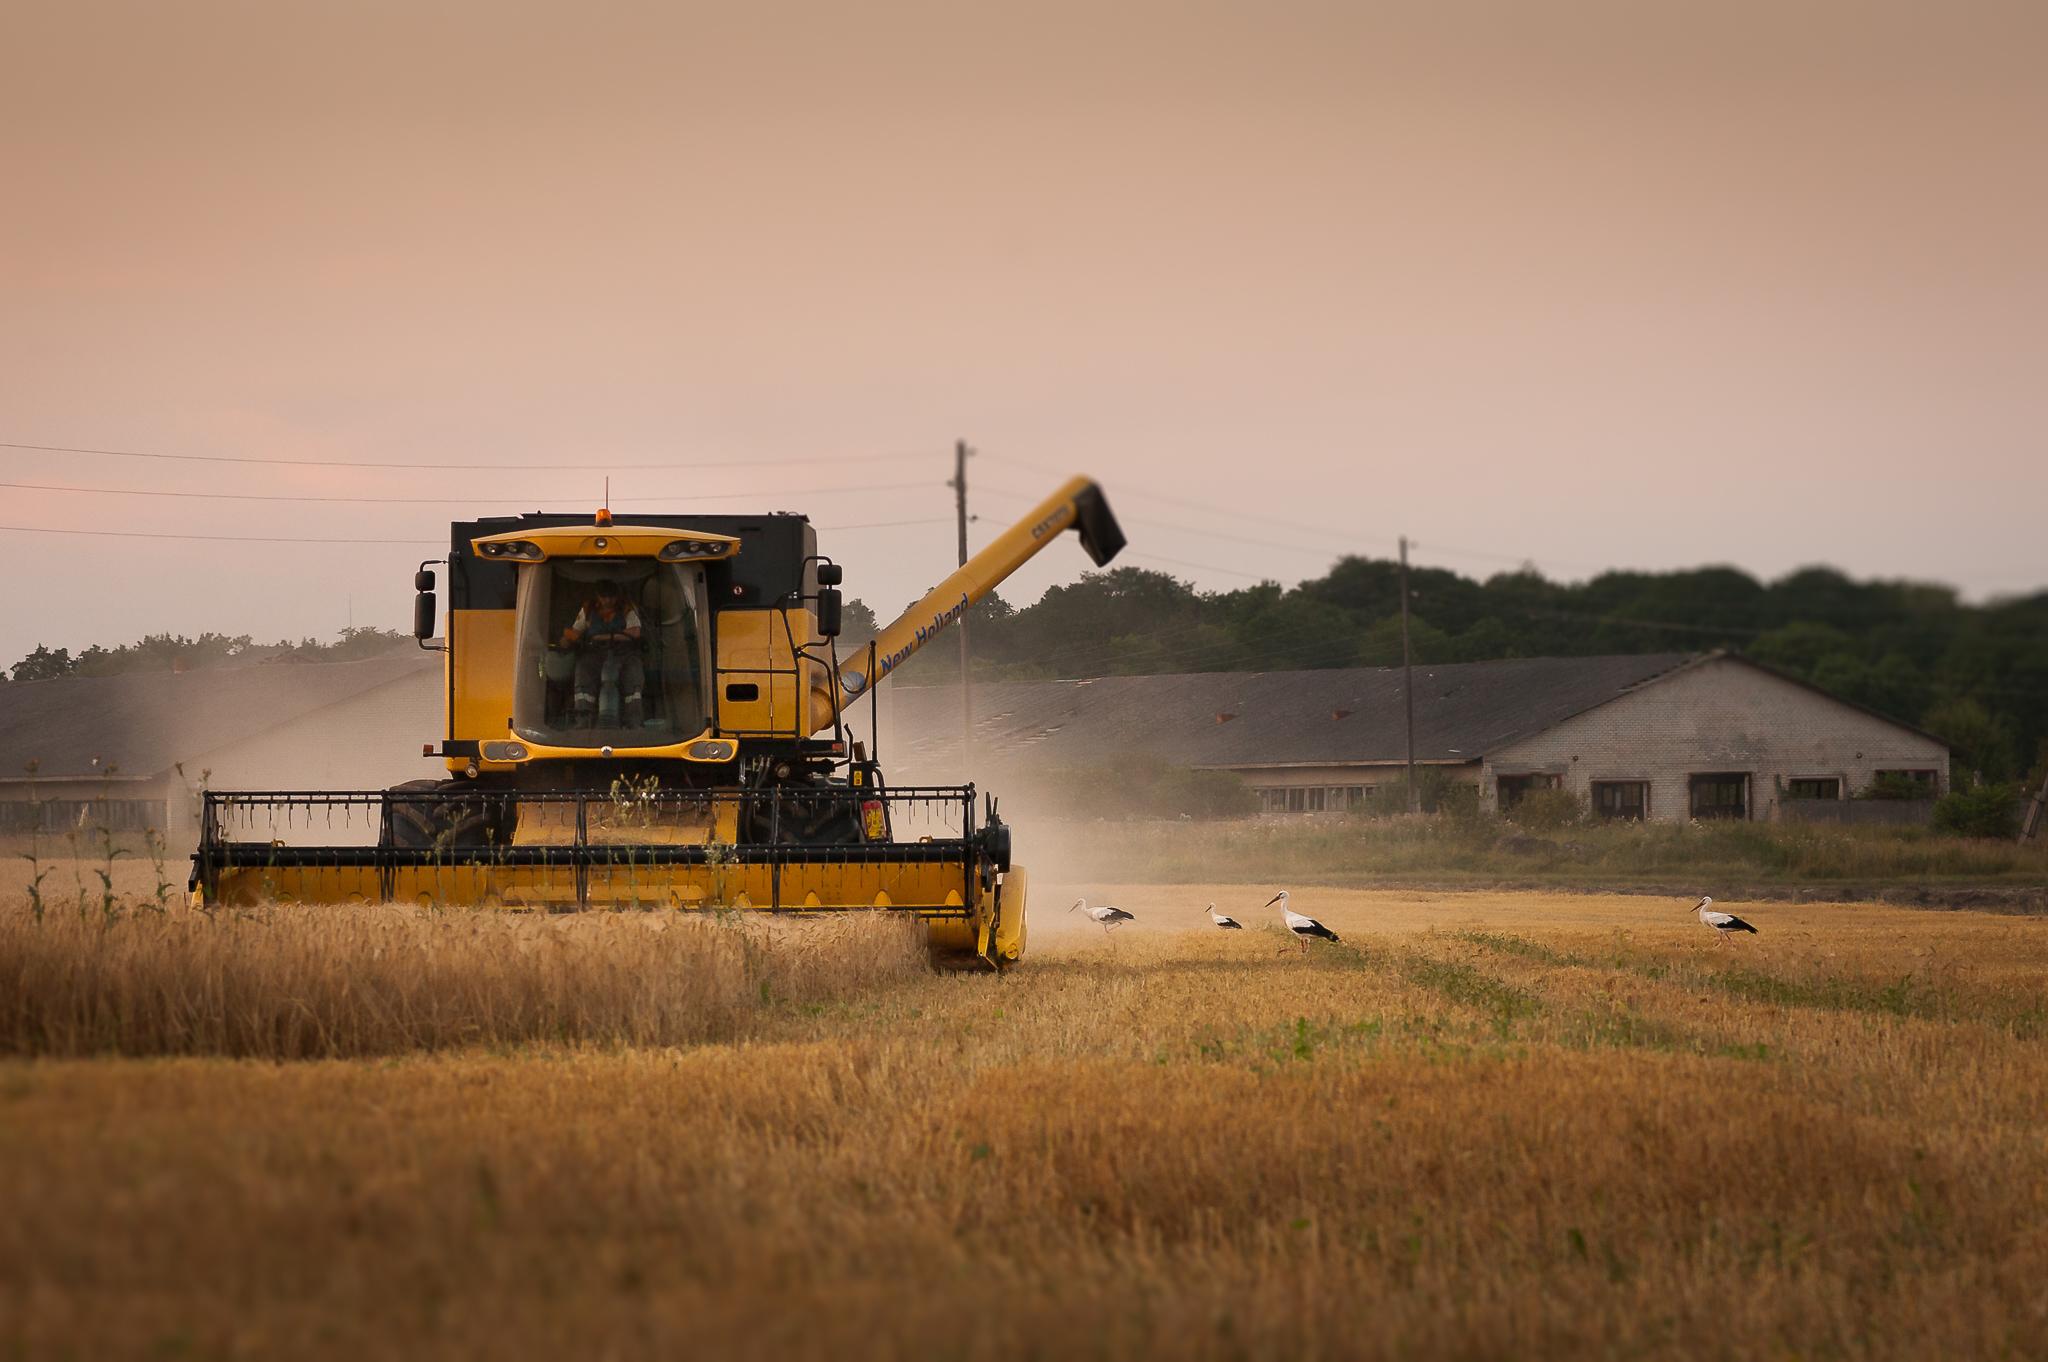 """ALT=""""kombain, viljakoristus, eesti, põllumajandus, toidu tootmine, väiketootja, fotograaf katrin press, toidufotograafia"""""""